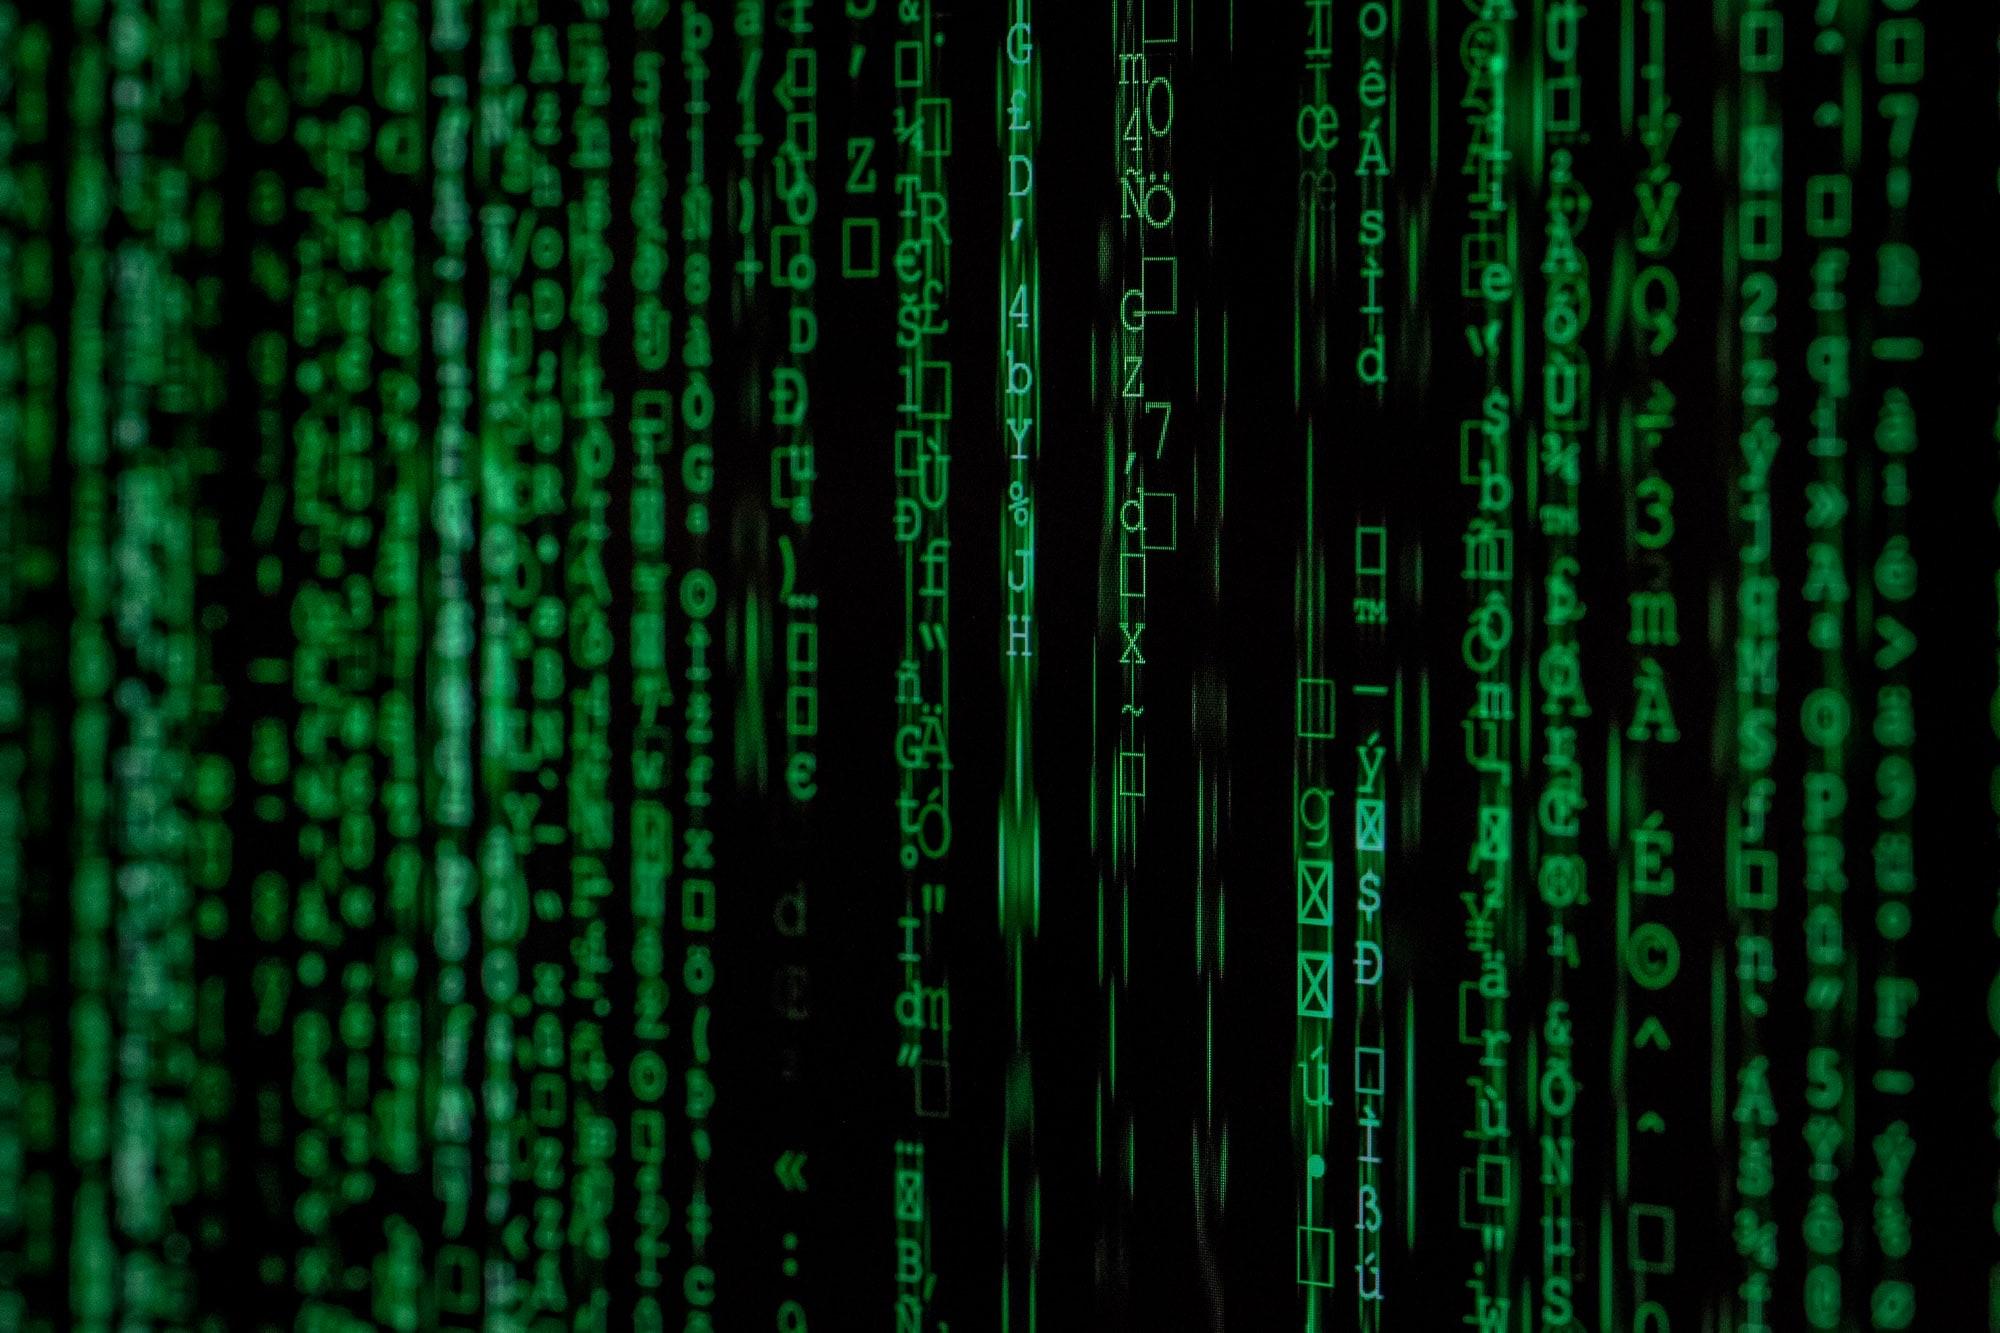 二进制攻击代码(1993年)